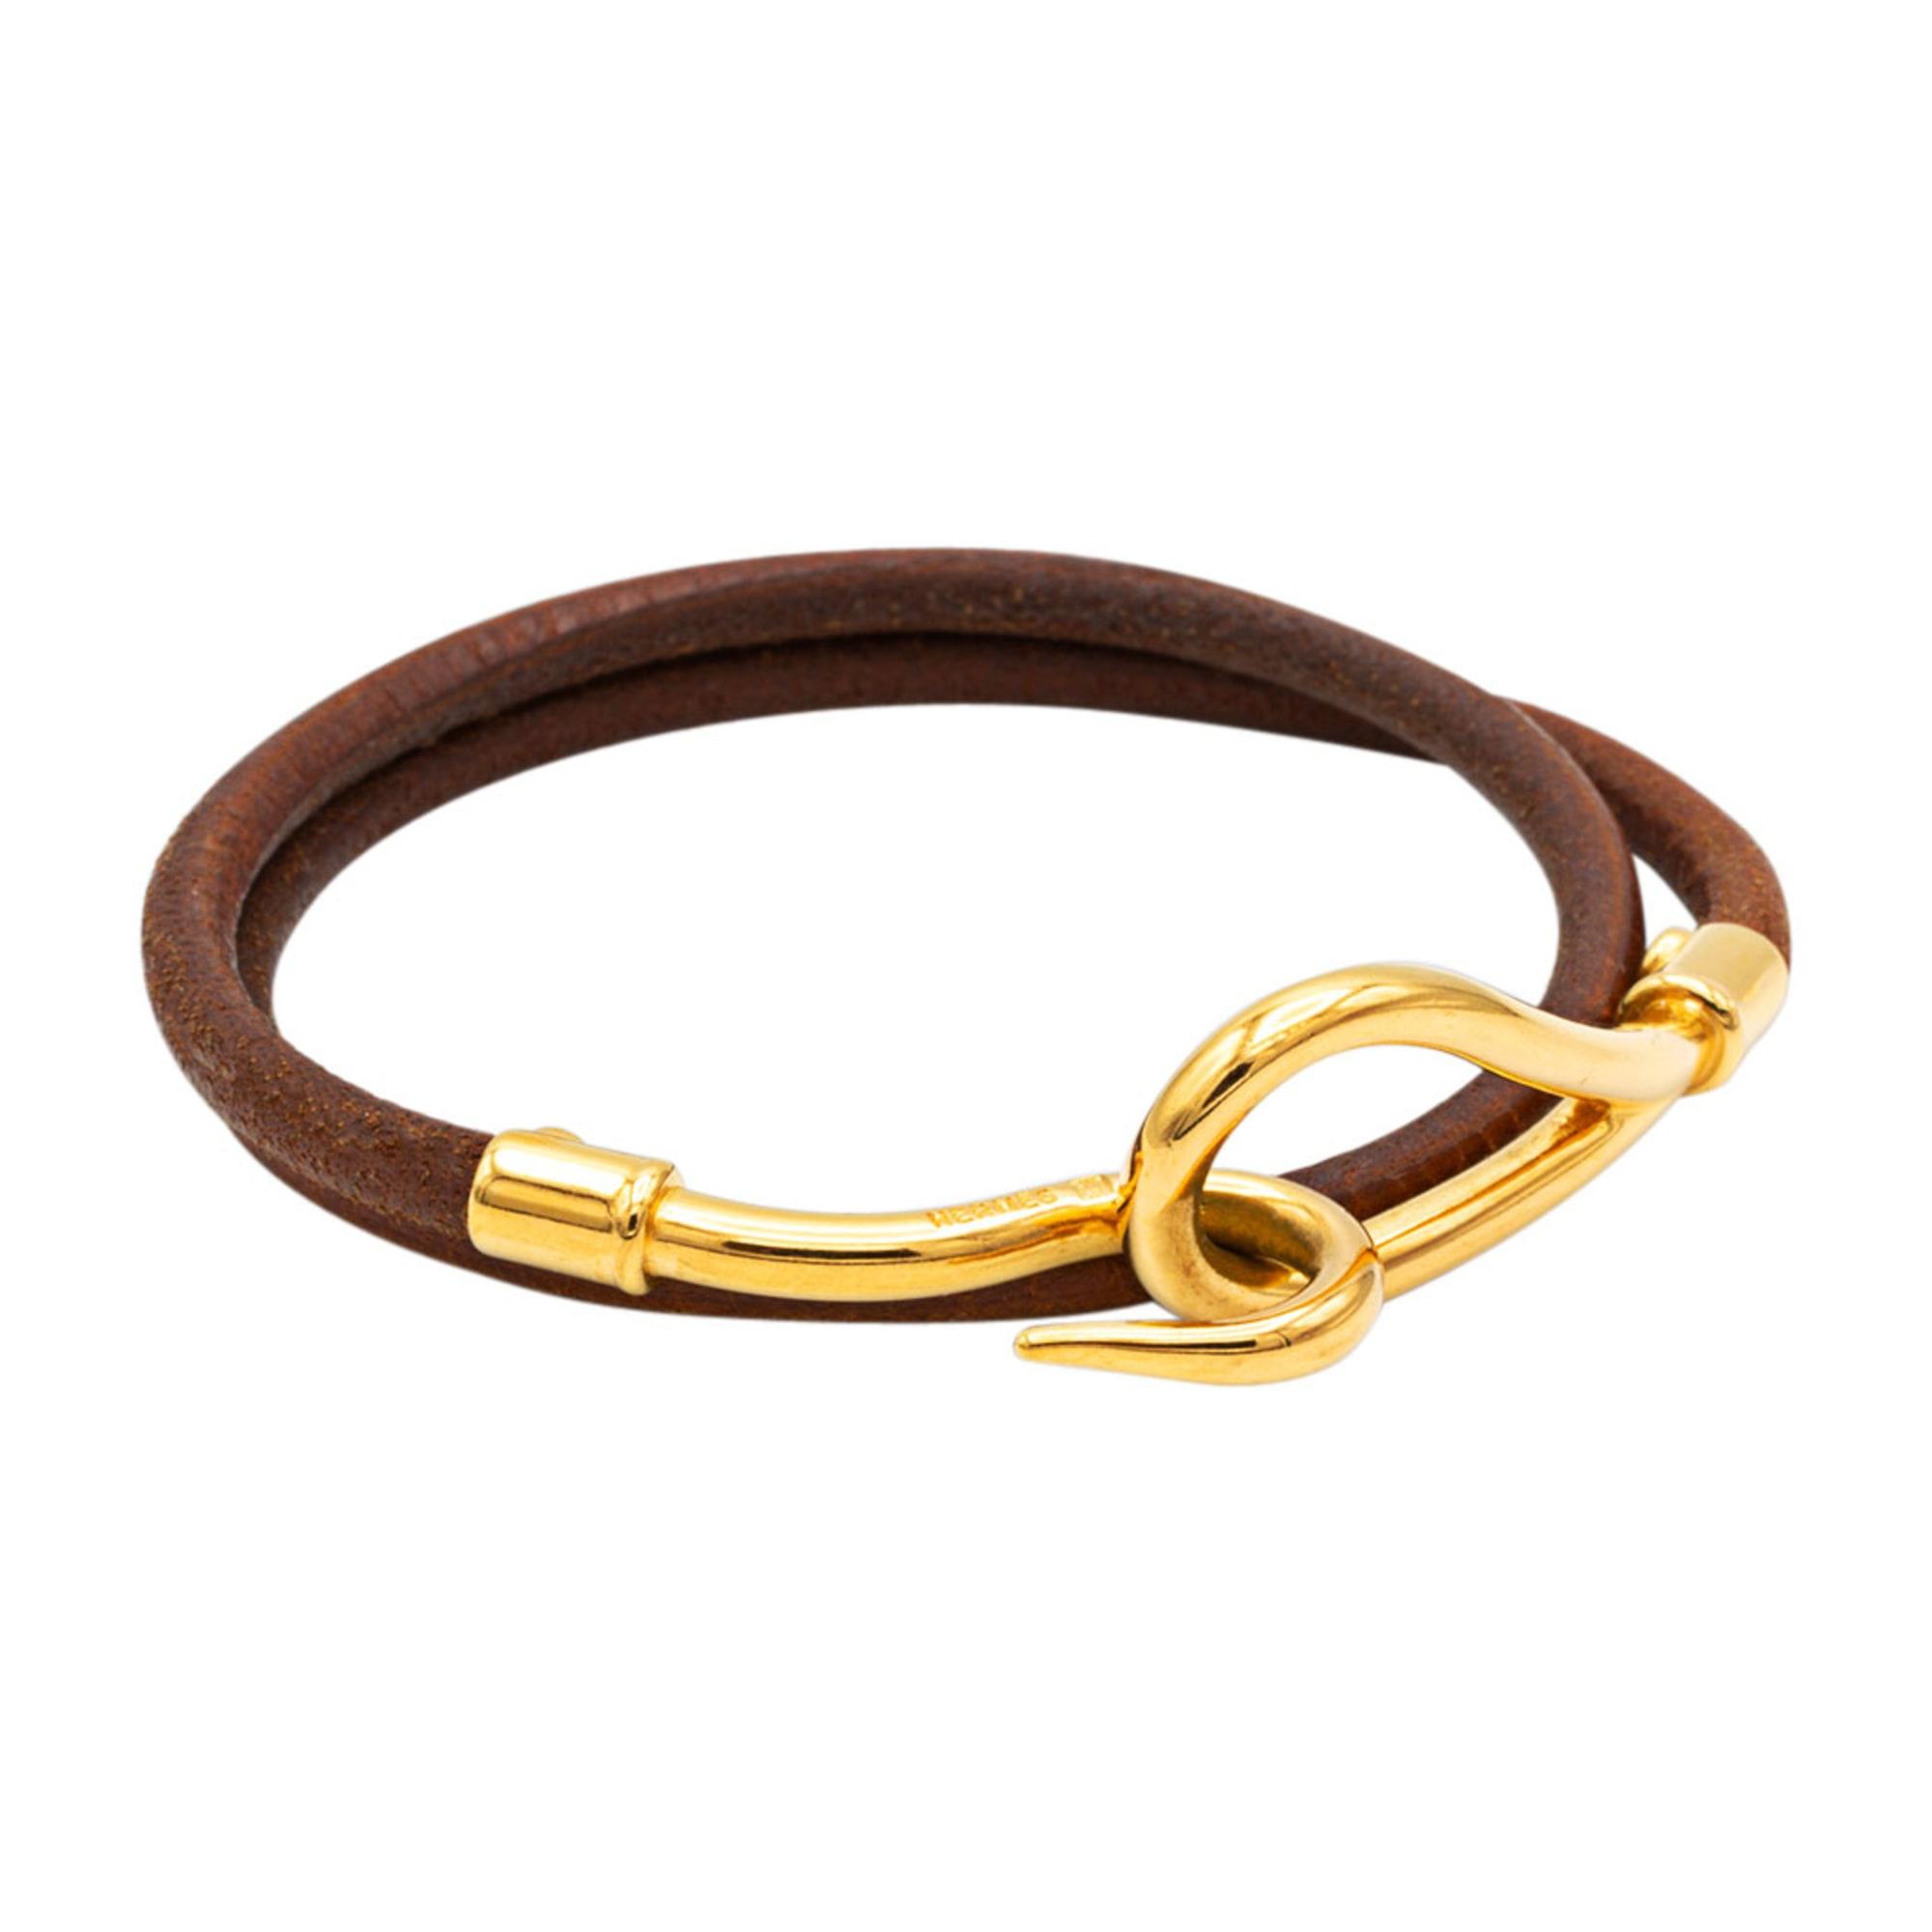 67a7b7476234 Bracelet HERMÈS marron - 7716196